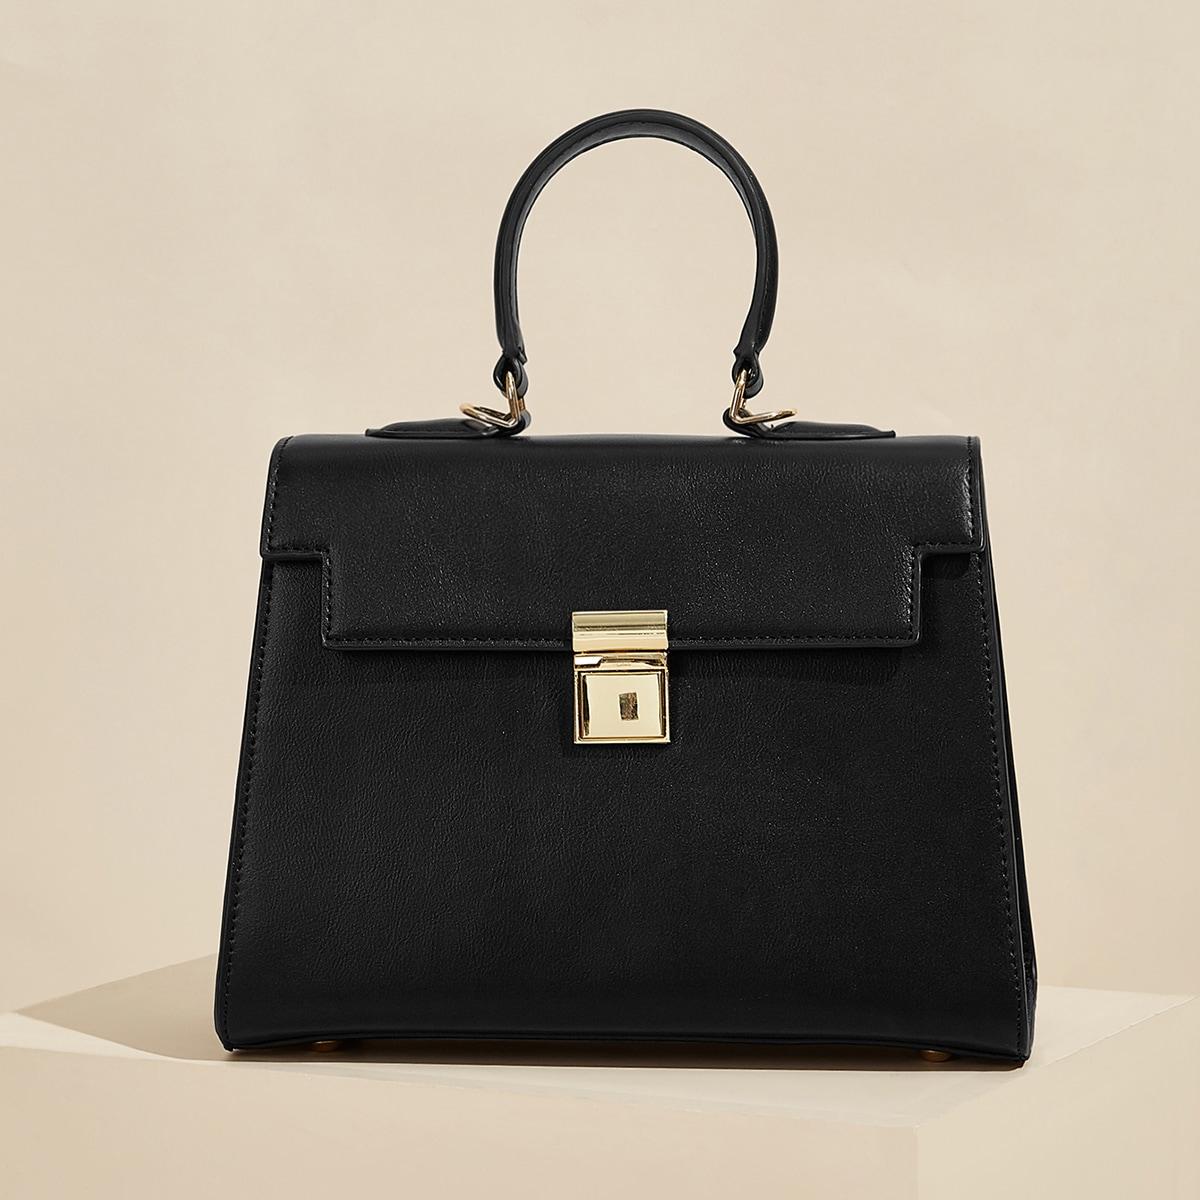 Оригинальная сумка-сэтчел